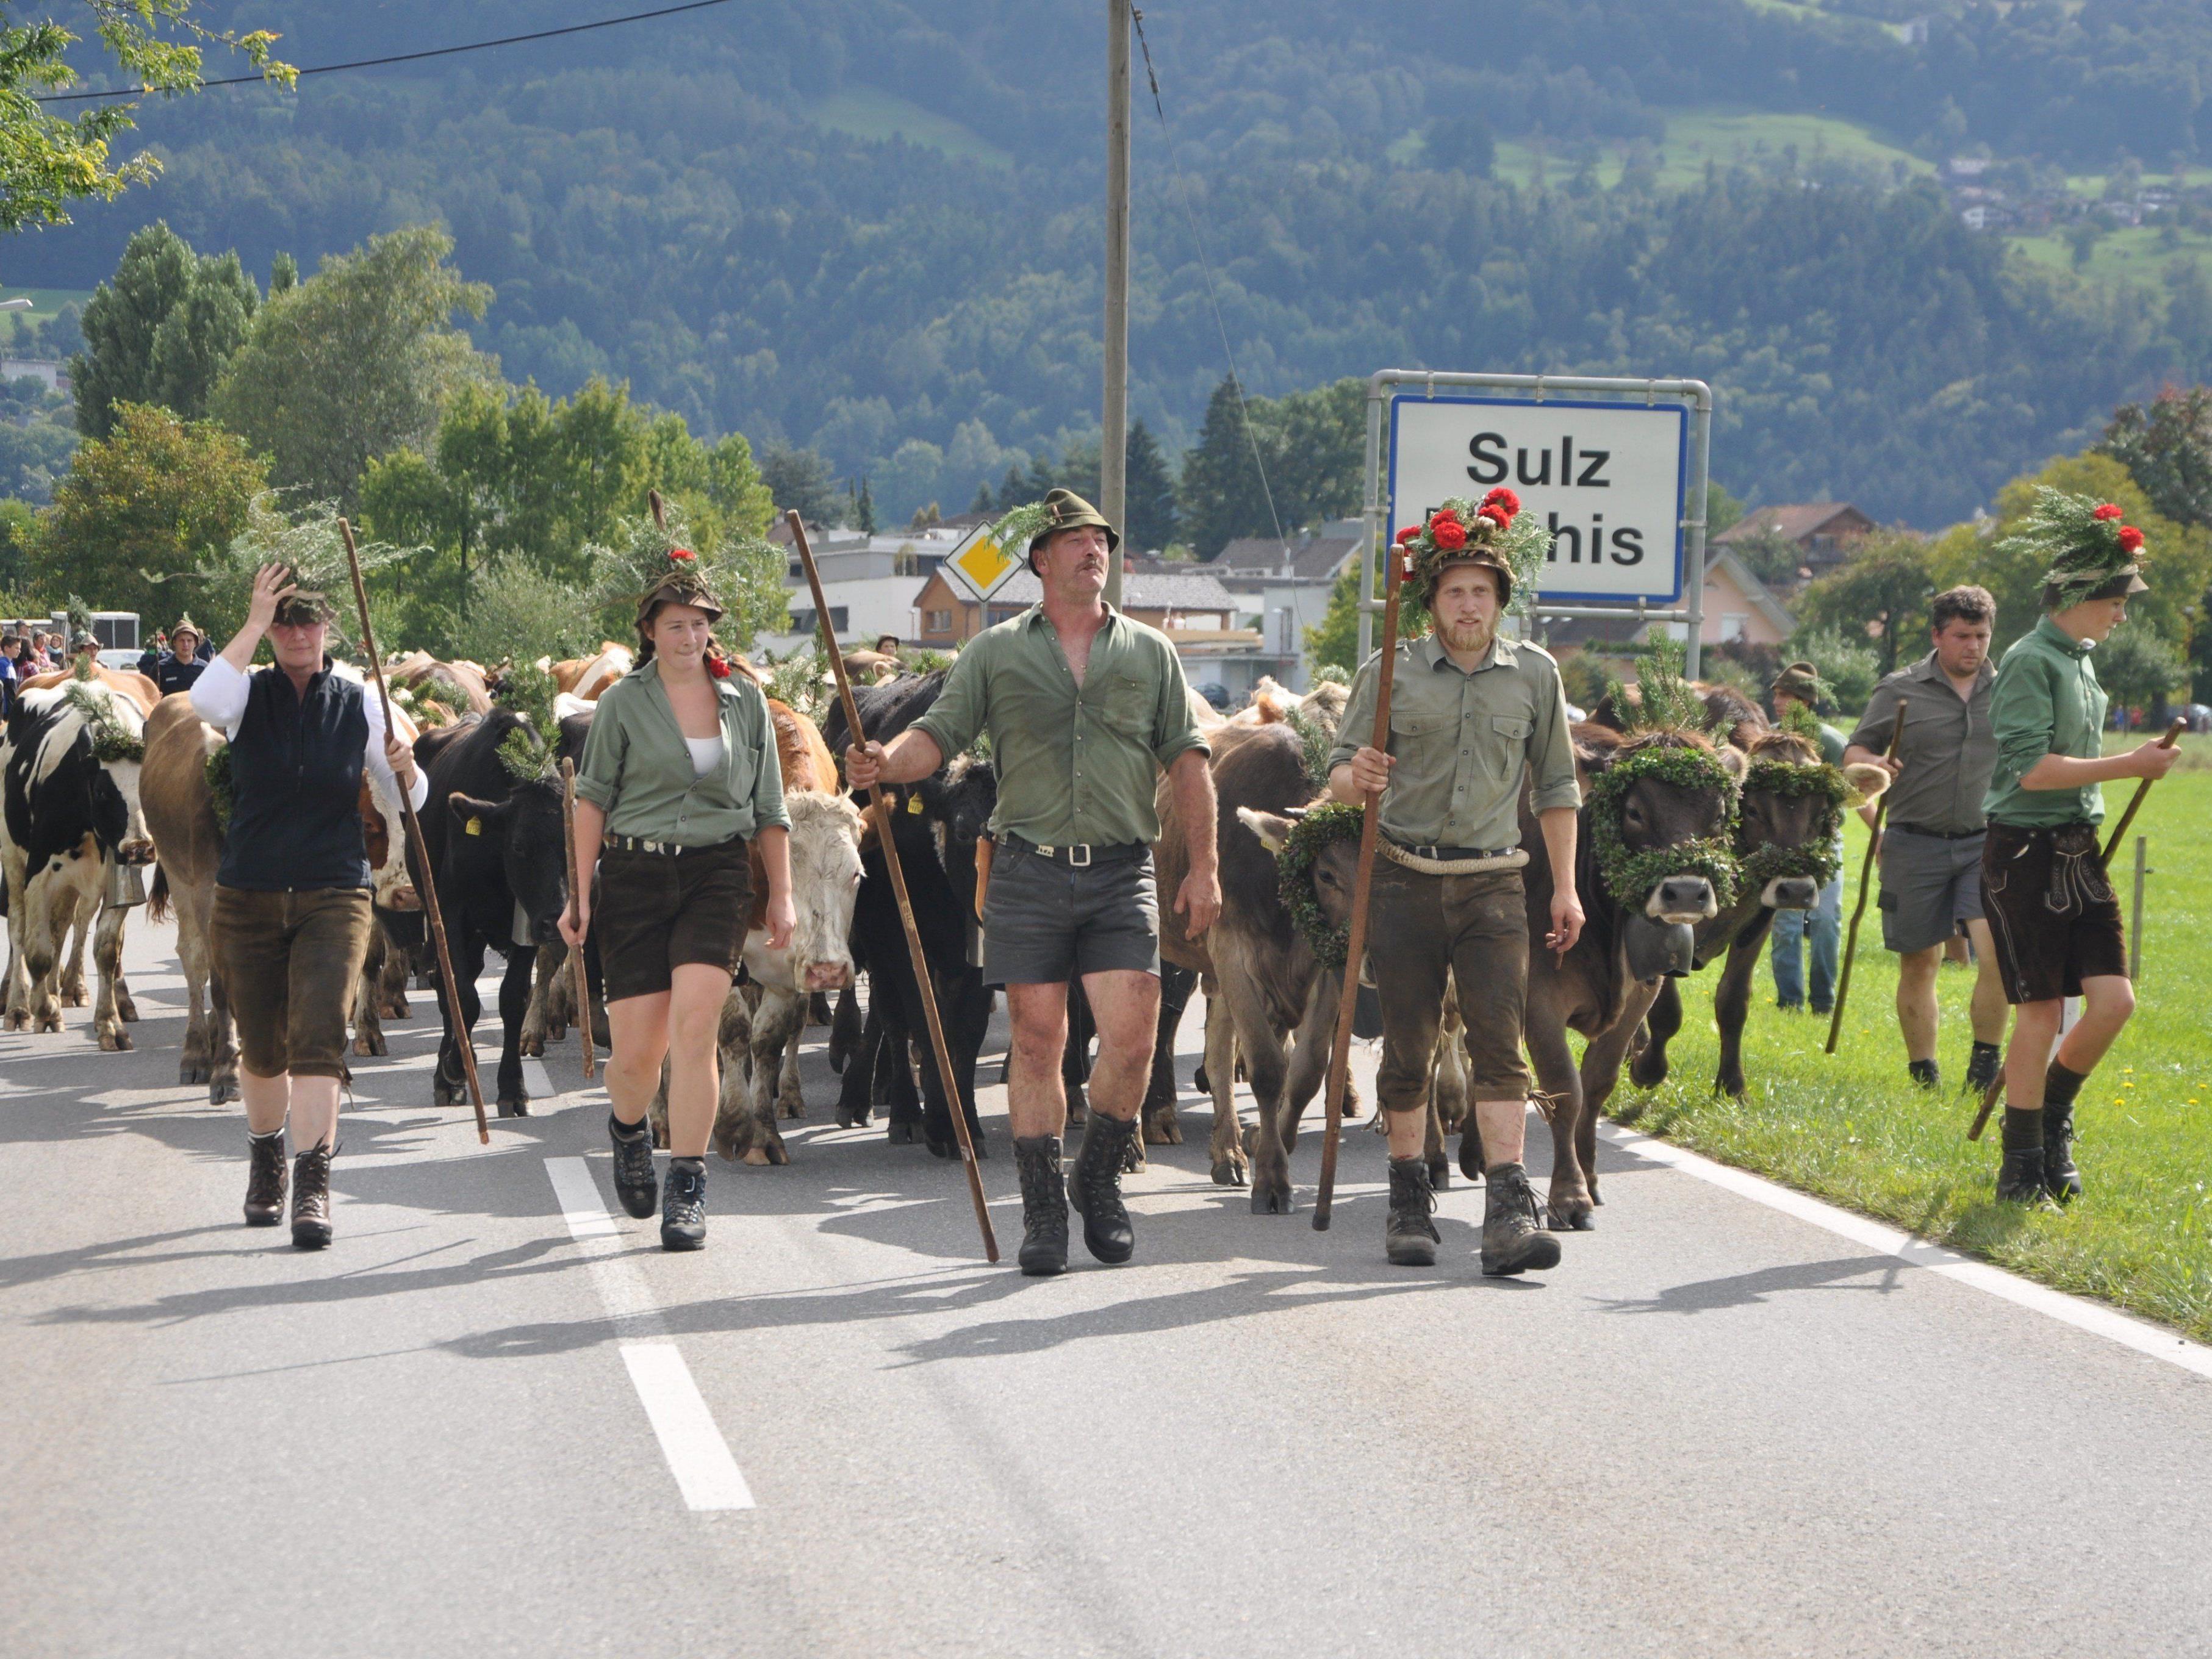 Mit rund 140 Stück Jungvieh trafen die Älpler beim Watzenegger Hof in Sulz ein.